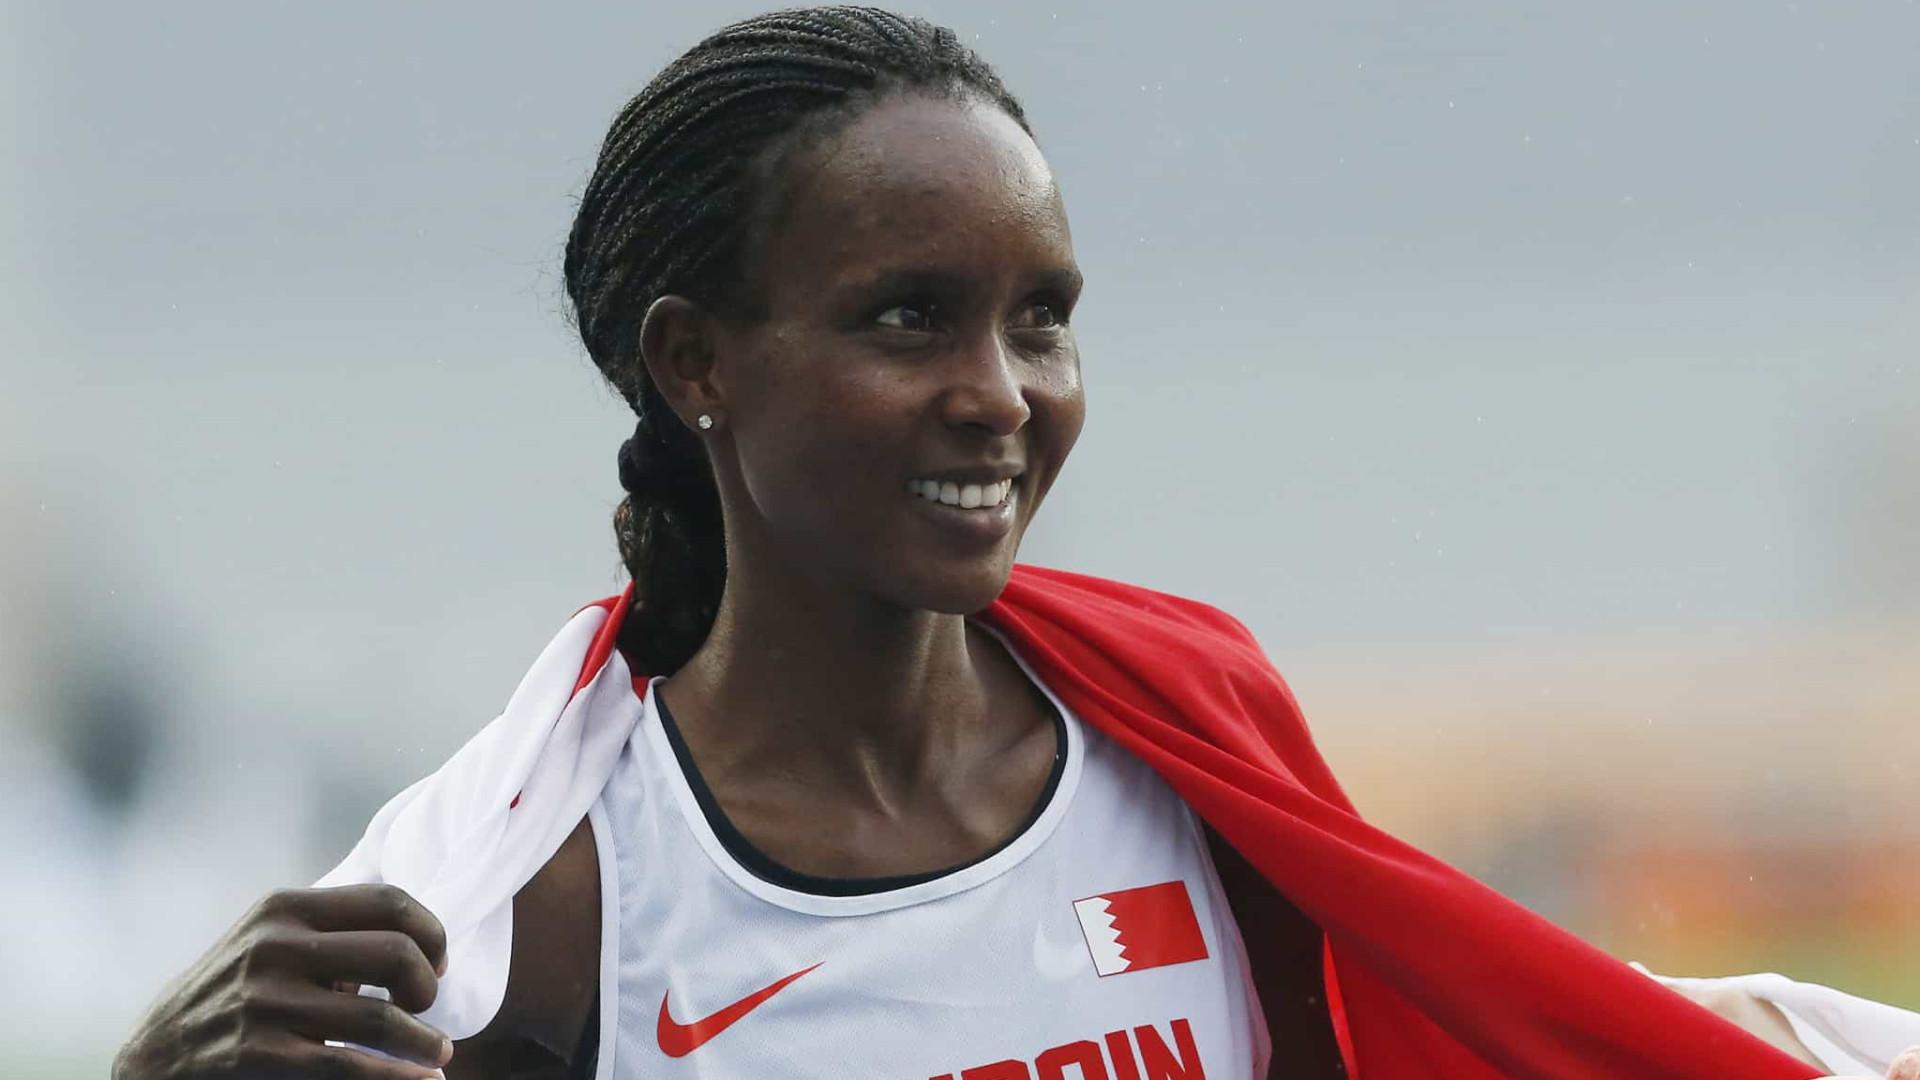 Medalhista na maratona do Rio-2016 é suspensa por doping